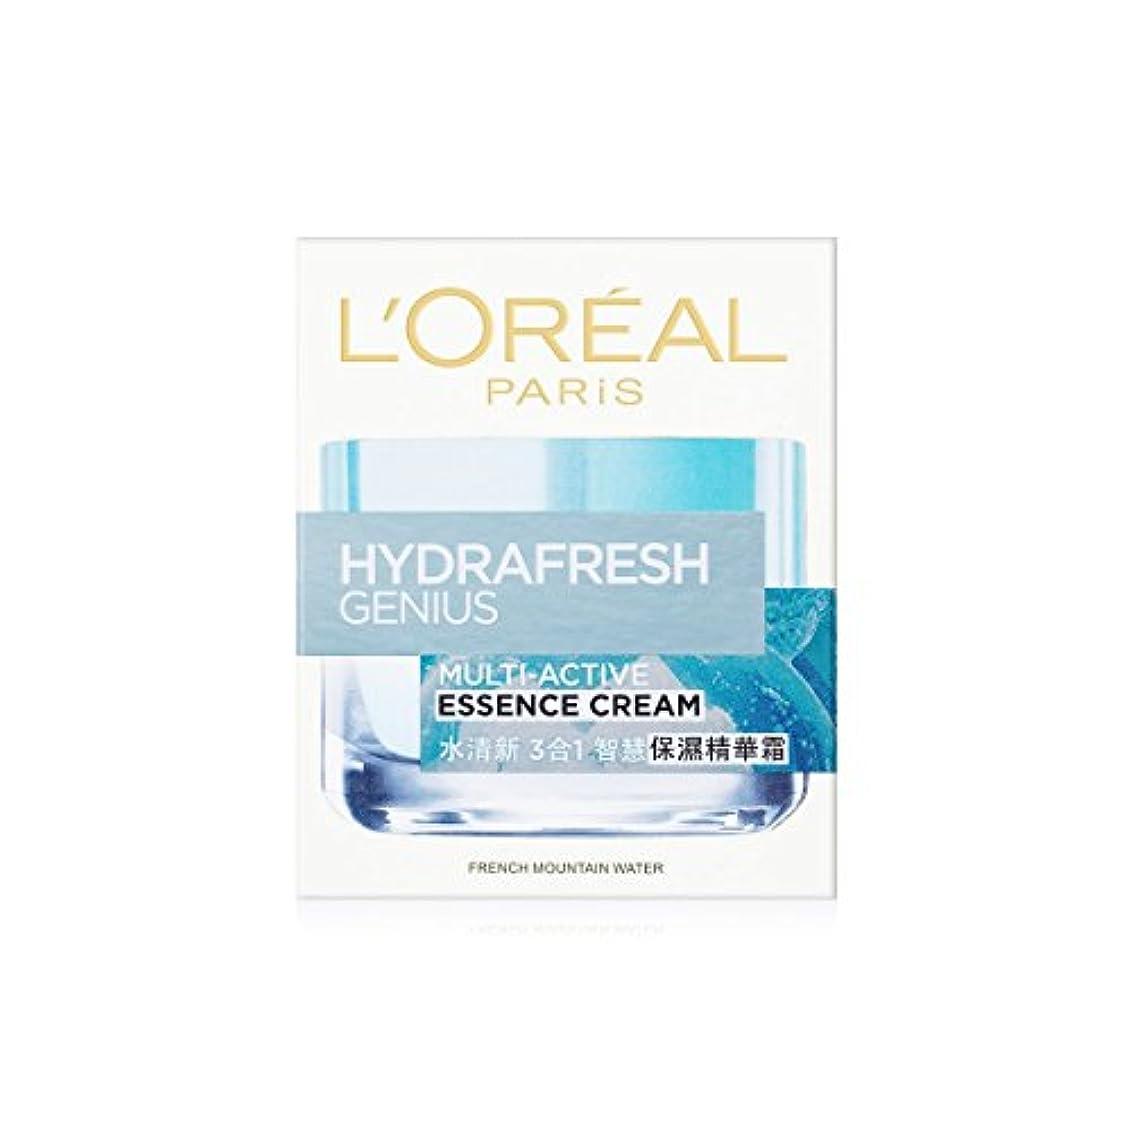 支払い宣伝外科医ロレアル Hydrafresh Genius Multi-Active Essence Cream 50ml/1.7oz並行輸入品